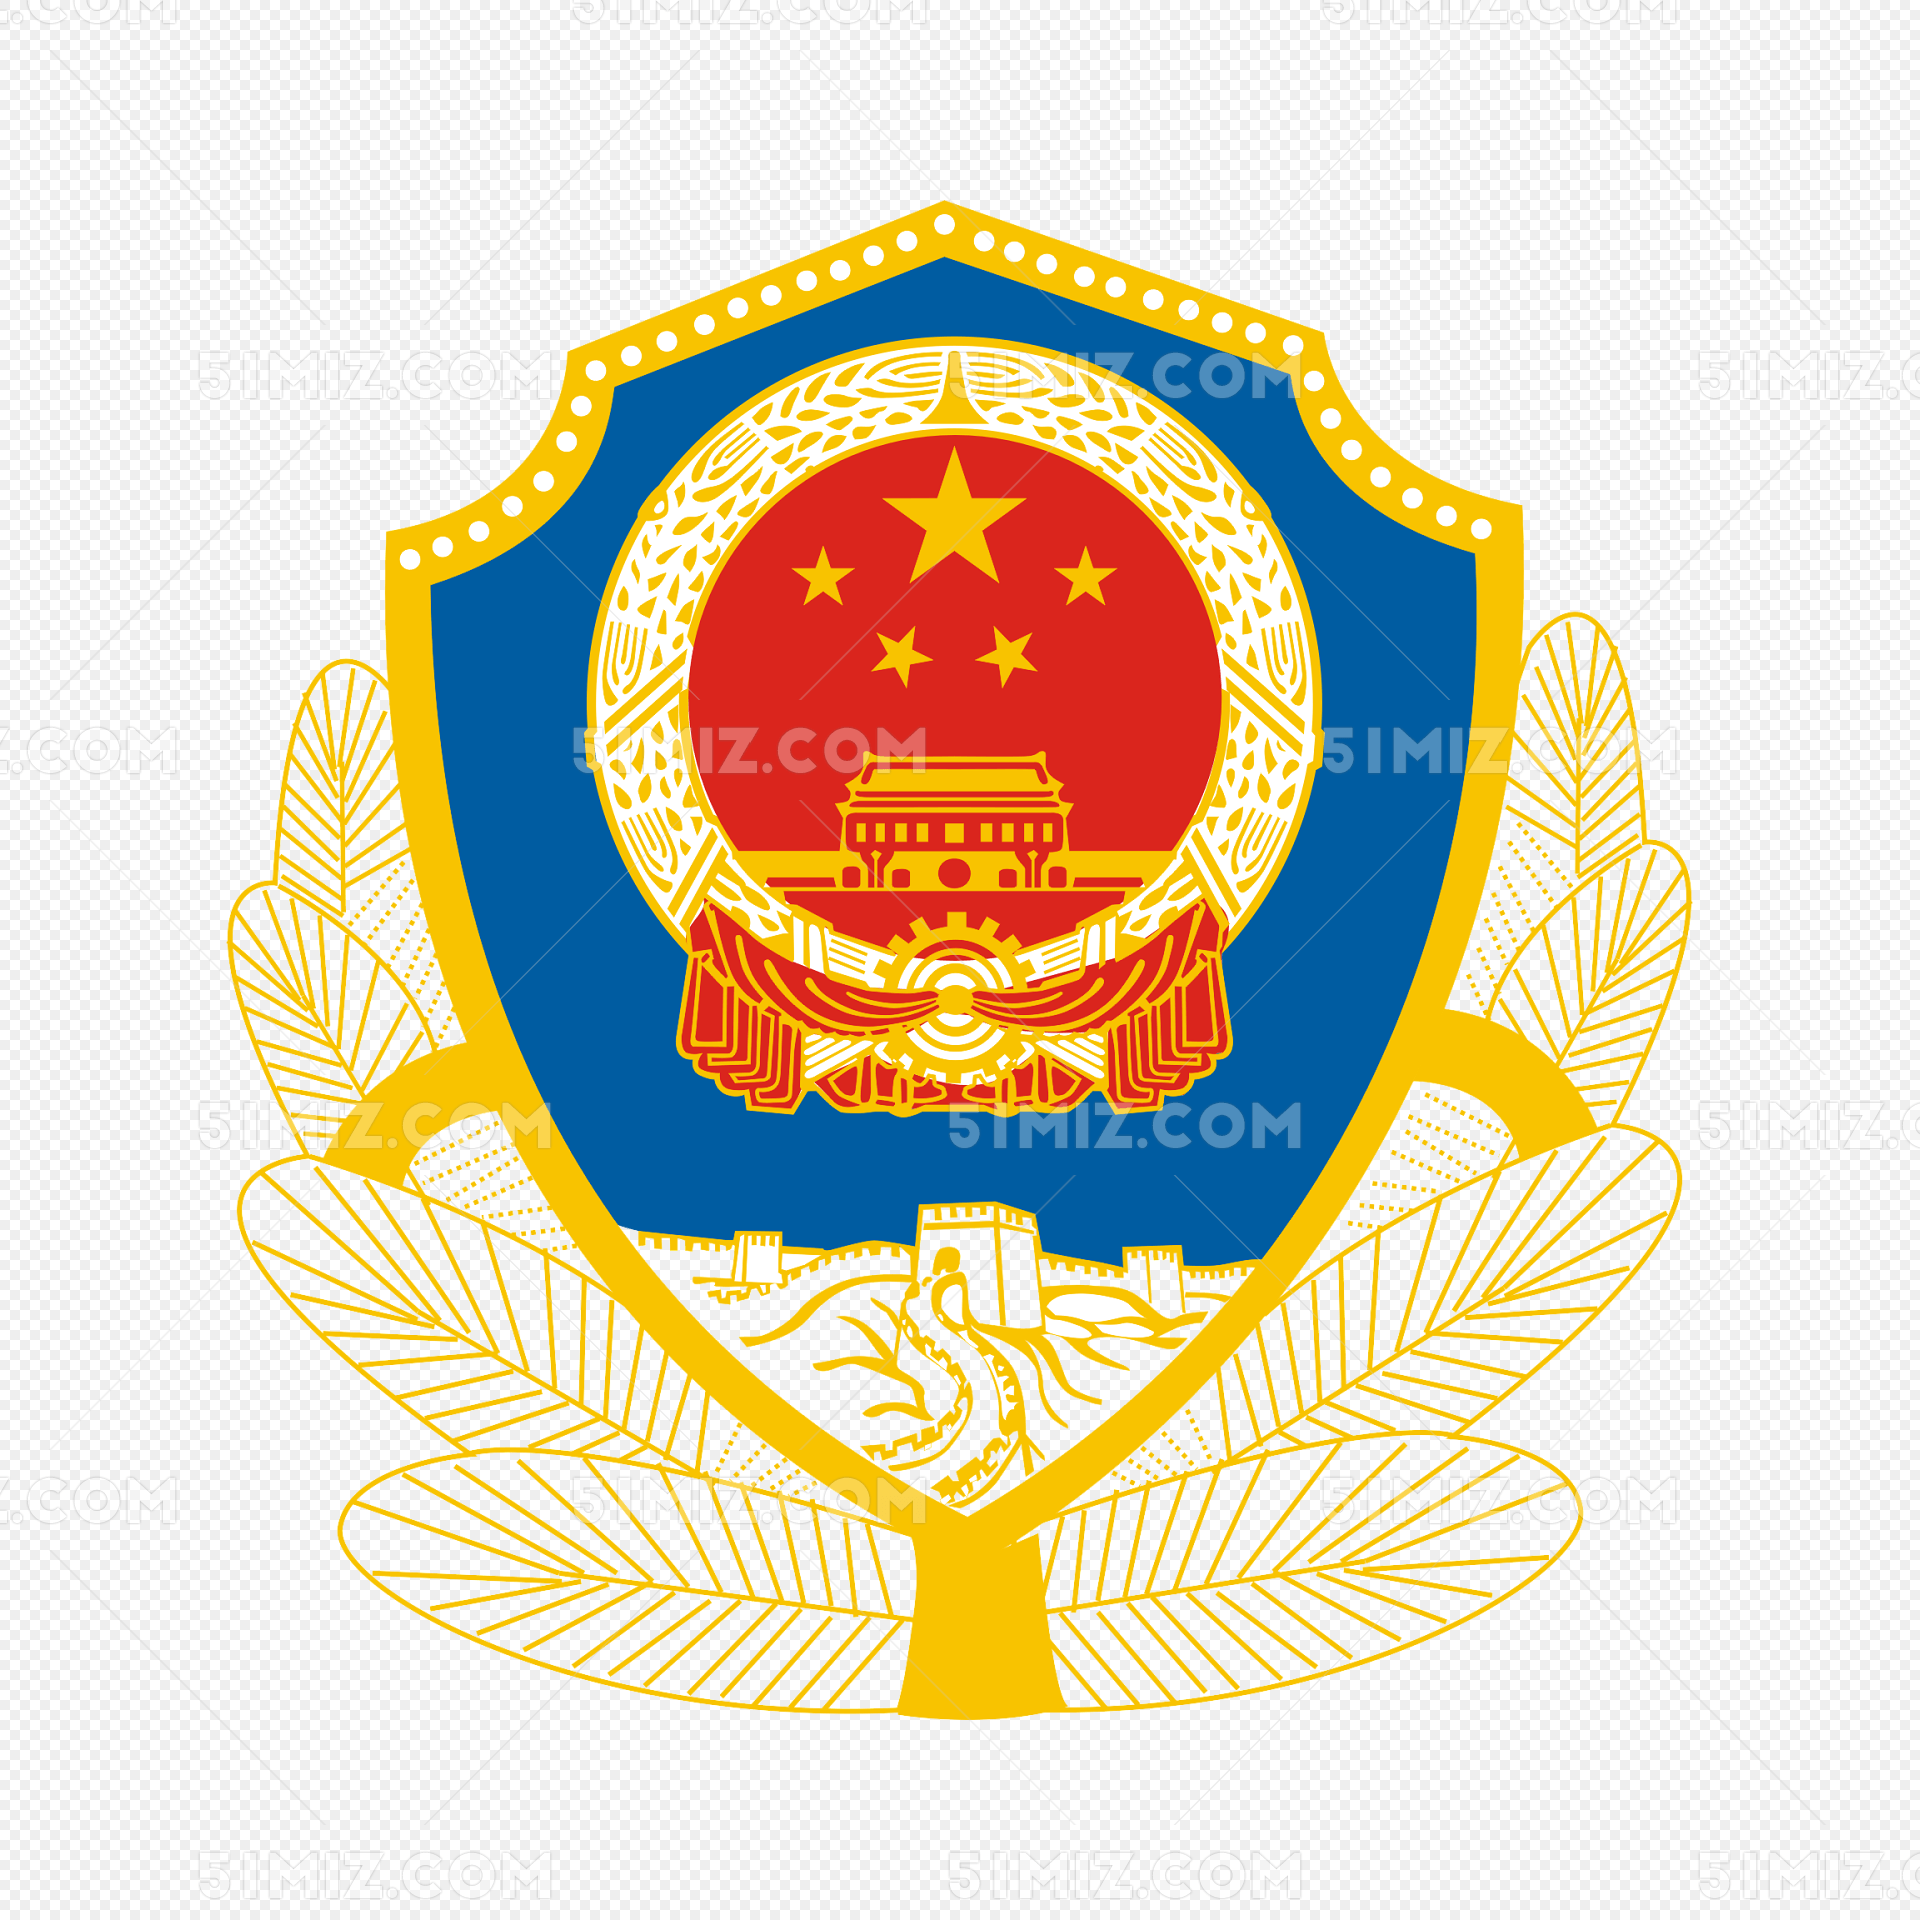 徽章警徽矢量图元素